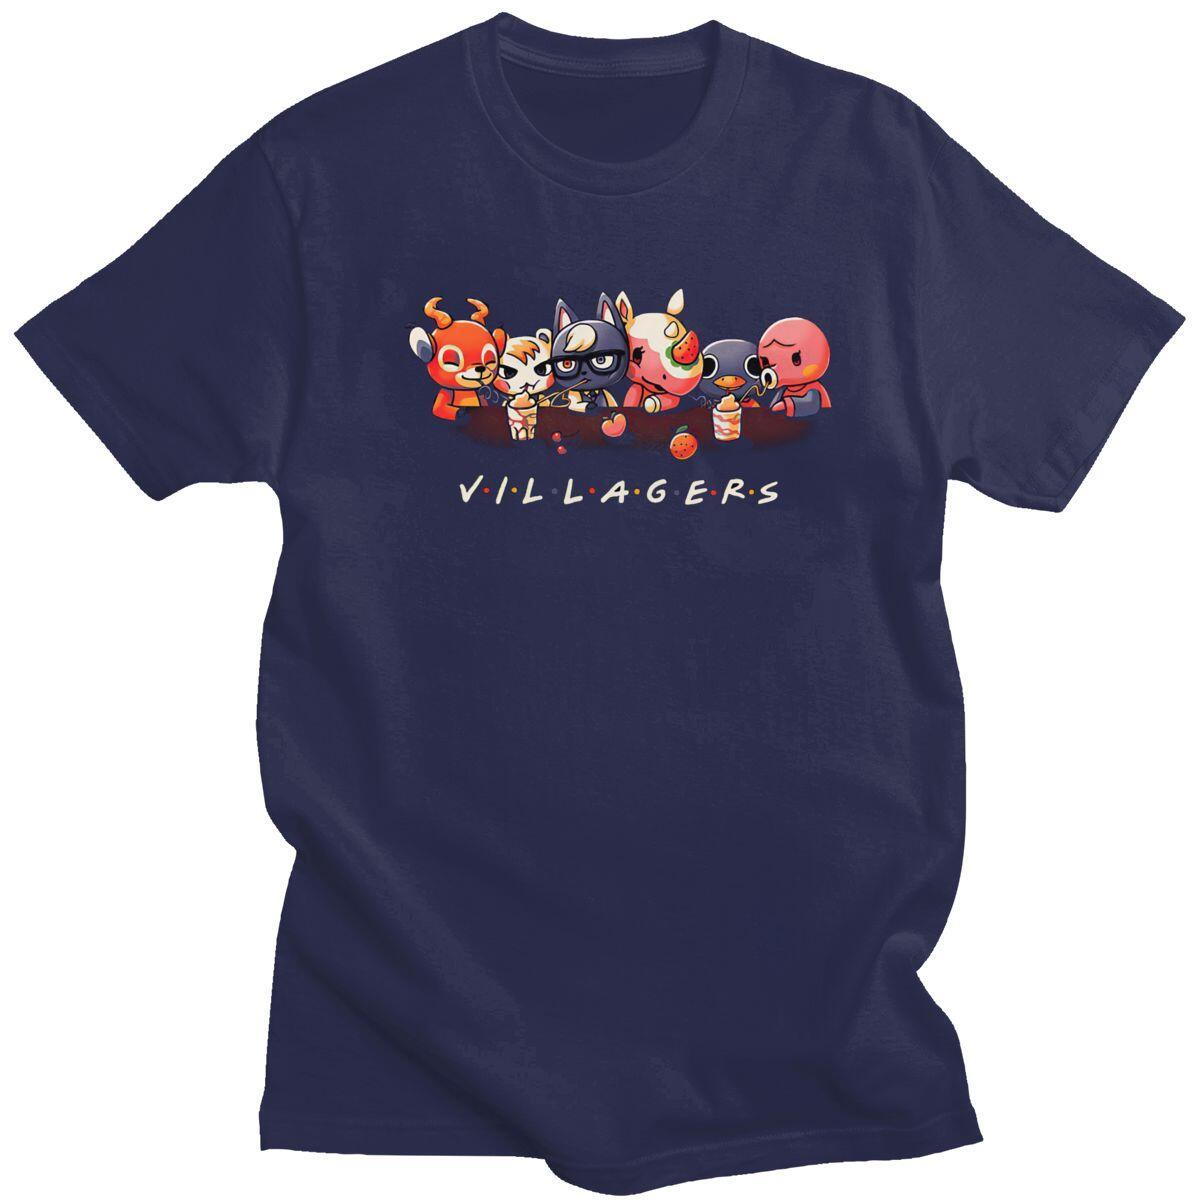 Friends Style Villager Shirt, Navy Blue / XL